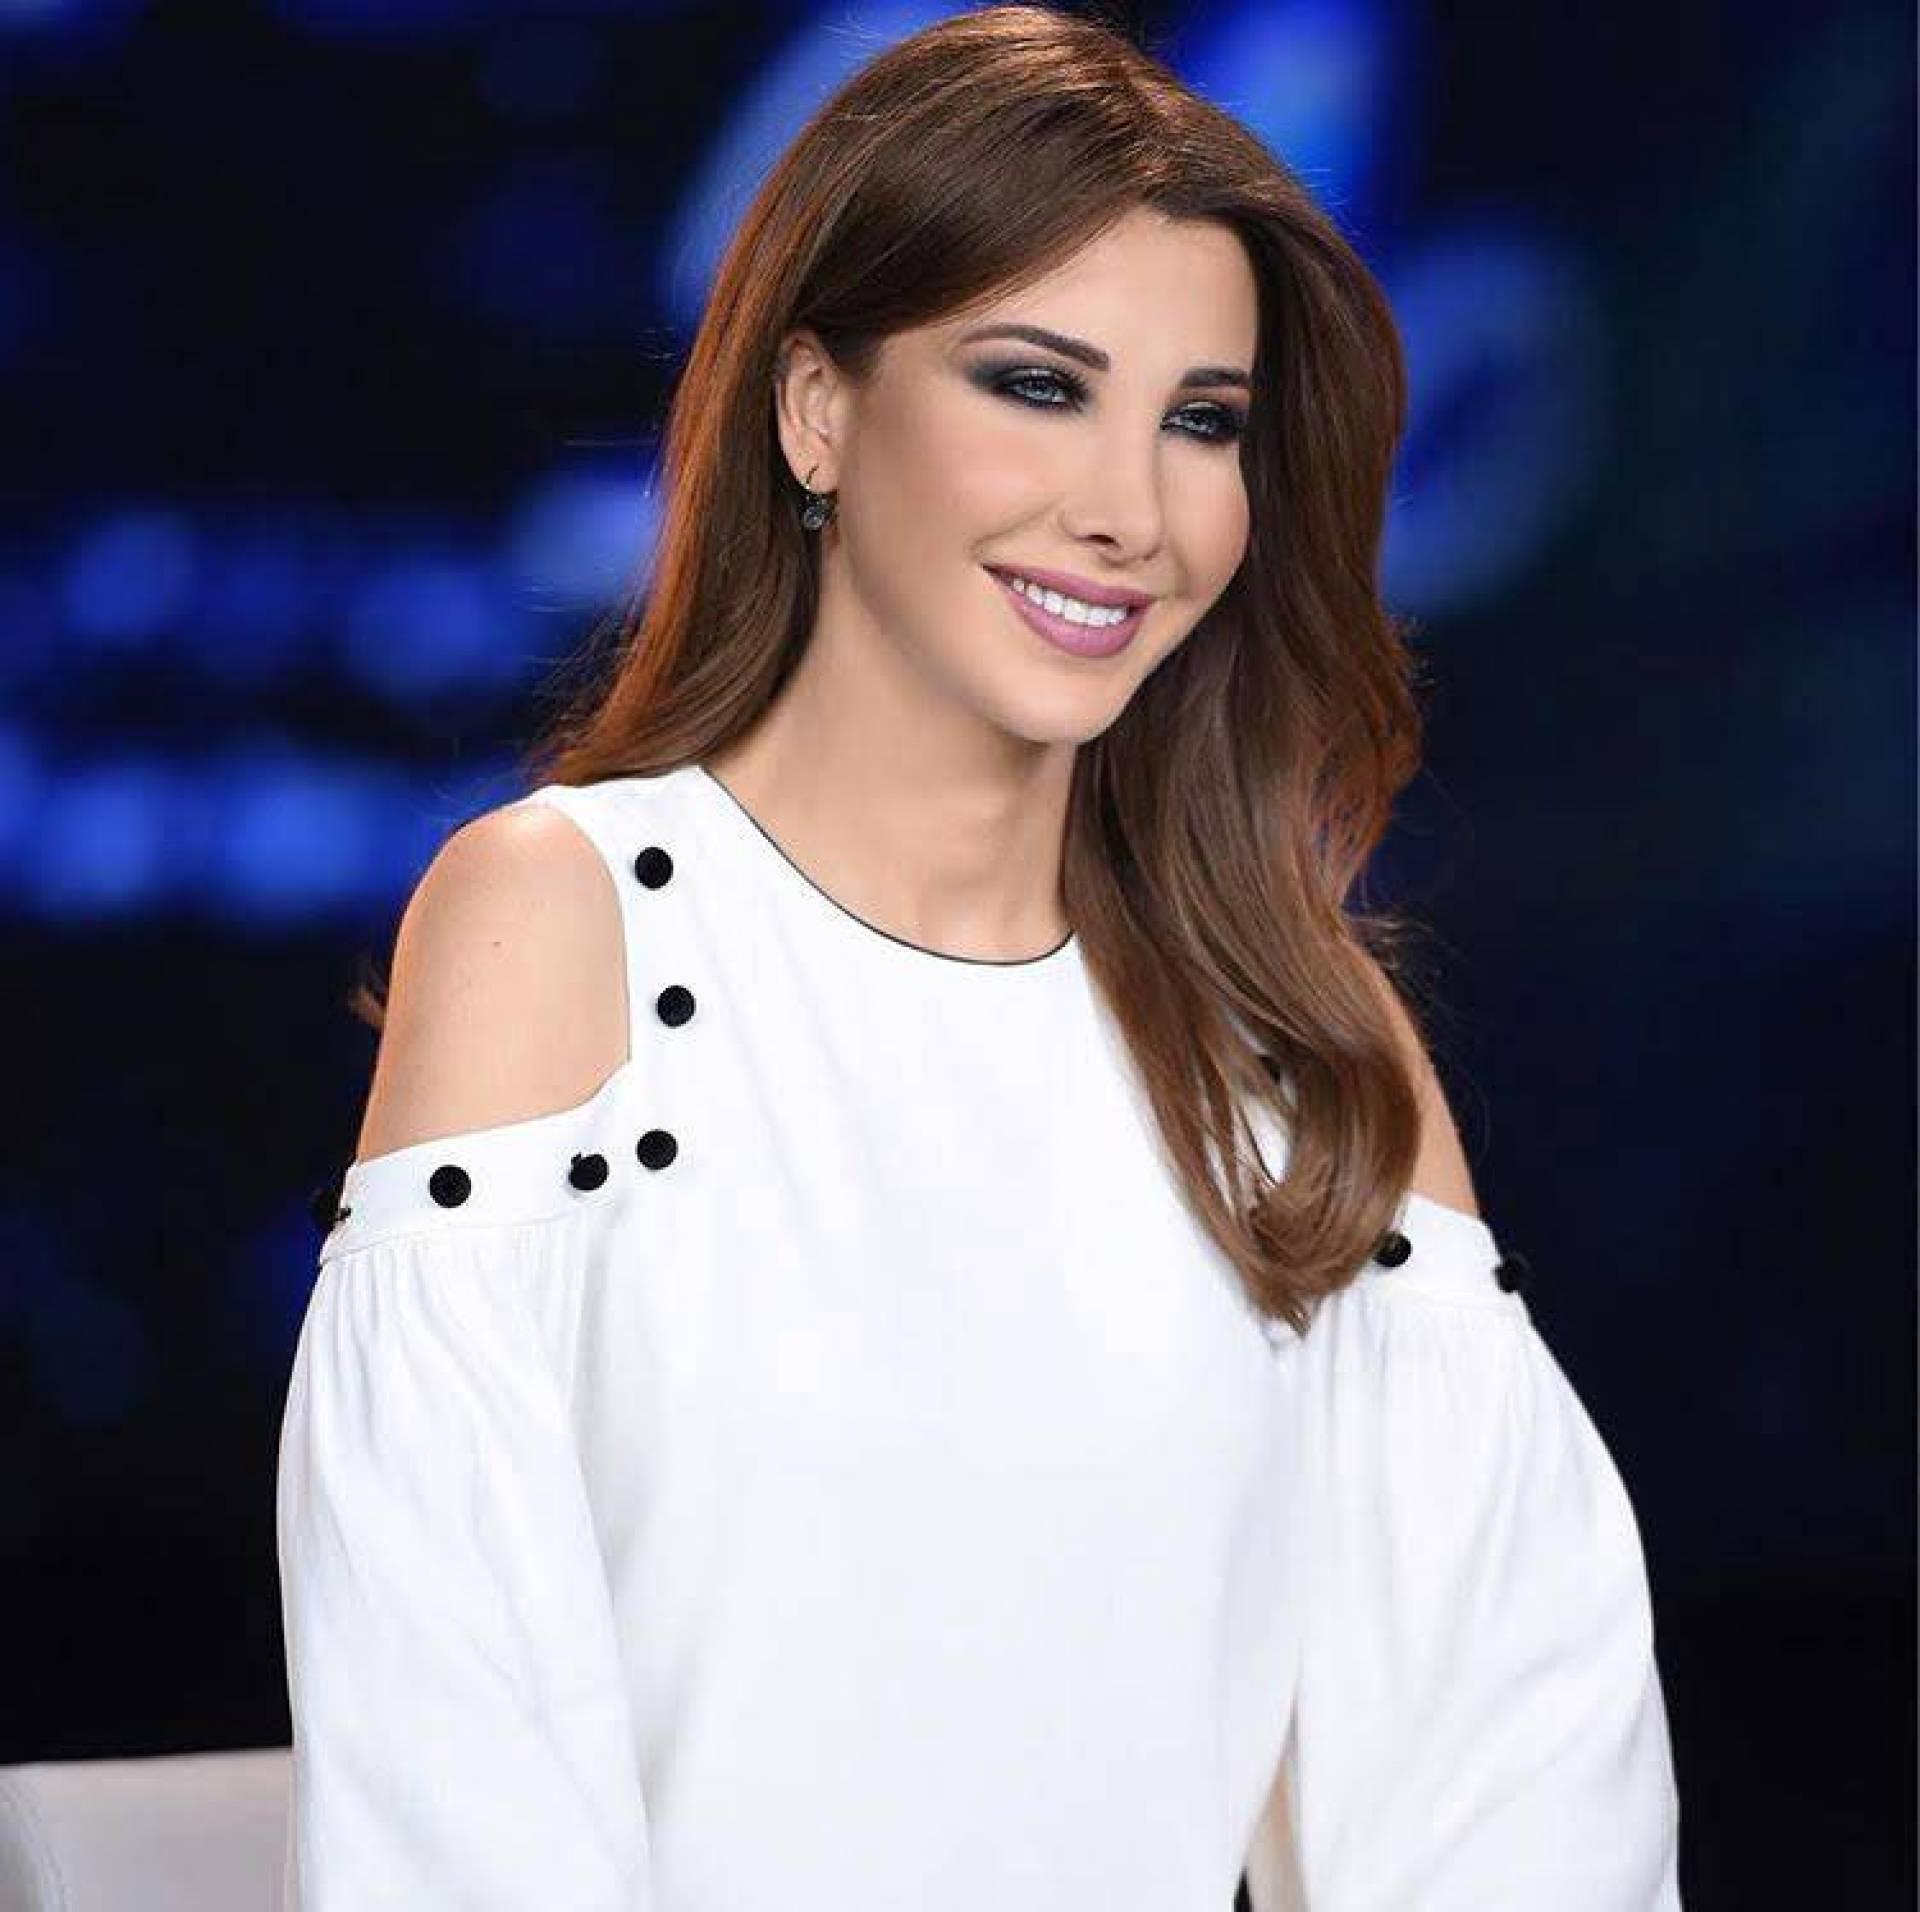 Image result for نانسي عجرم باللون الابيض